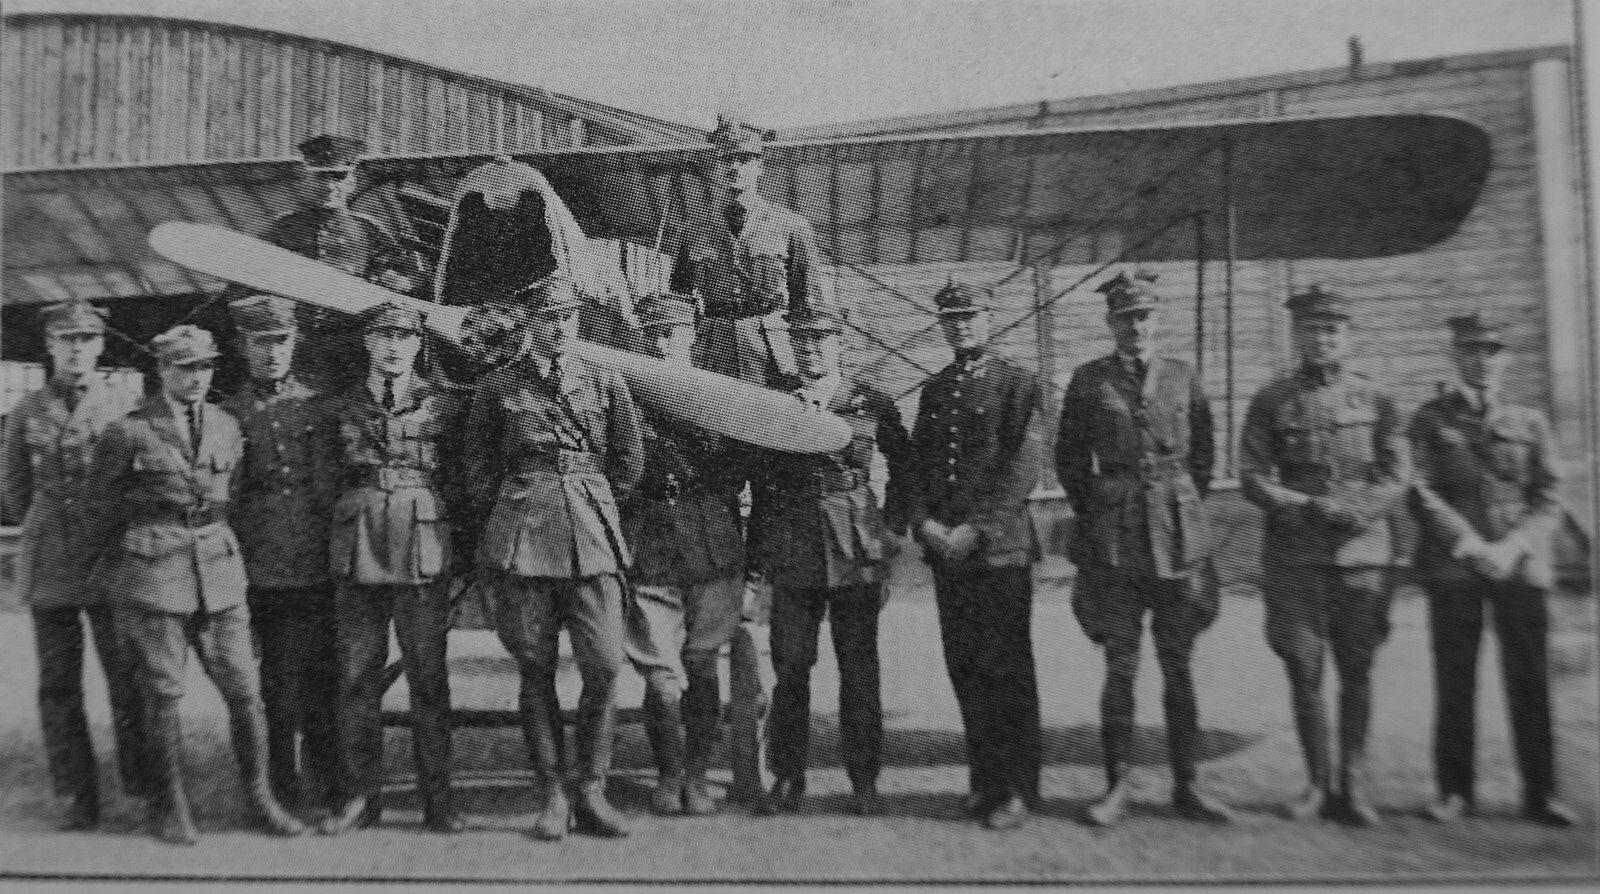 7 eskadra myśliwska im. Tadeusza Kościuszki we wrześniu 1920 we Lwowie.